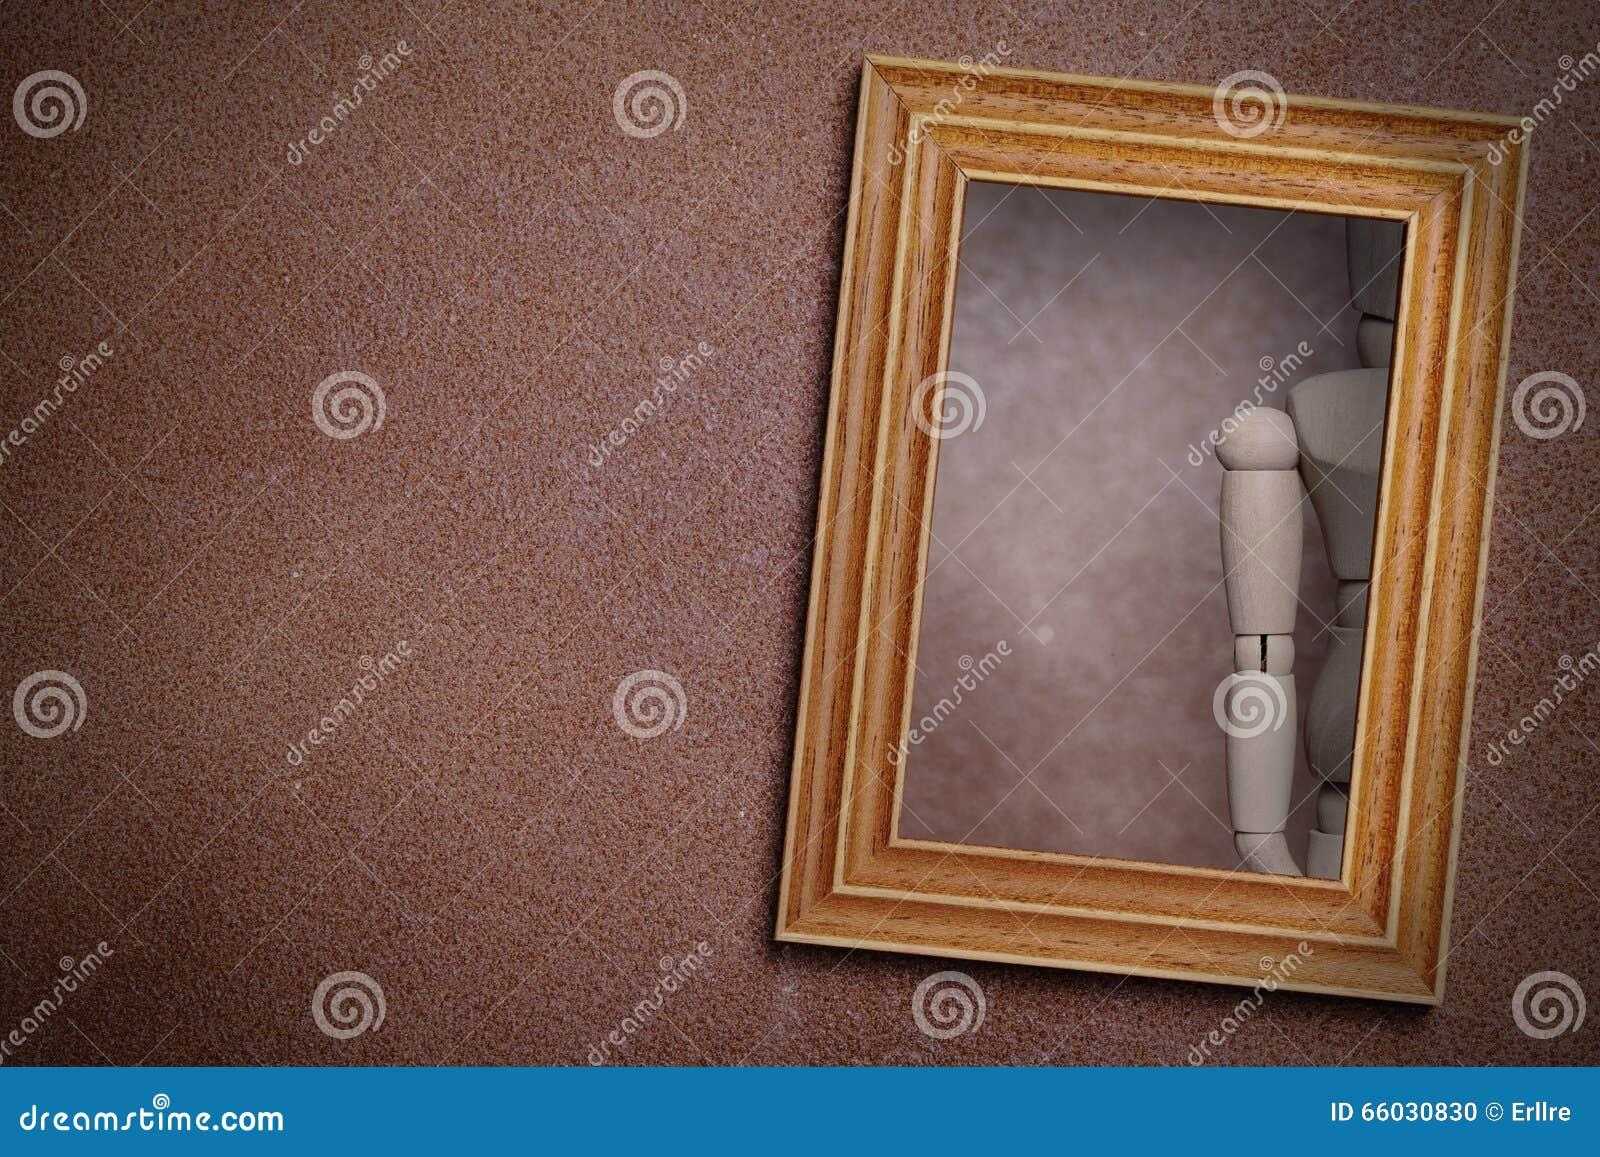 Réflexion de simulacre en bois dans le miroir encadré